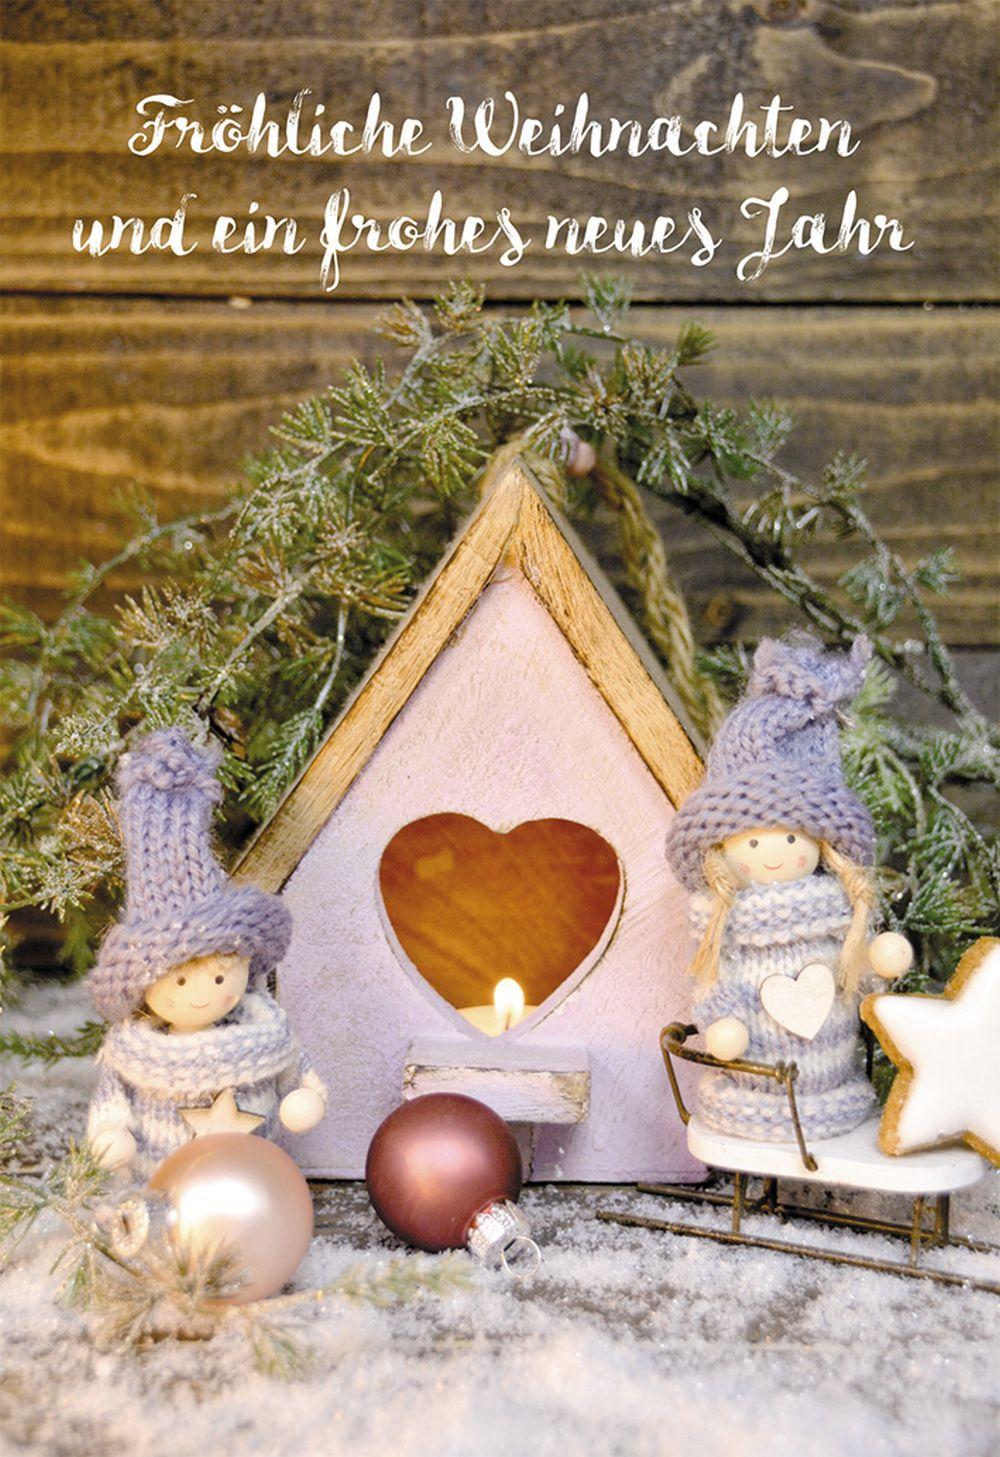 Bilder Weihnachten Neues Jahr.Glückwunschkarte Fröhliche Weihnachten Und Ein Frohes Neues Jahr